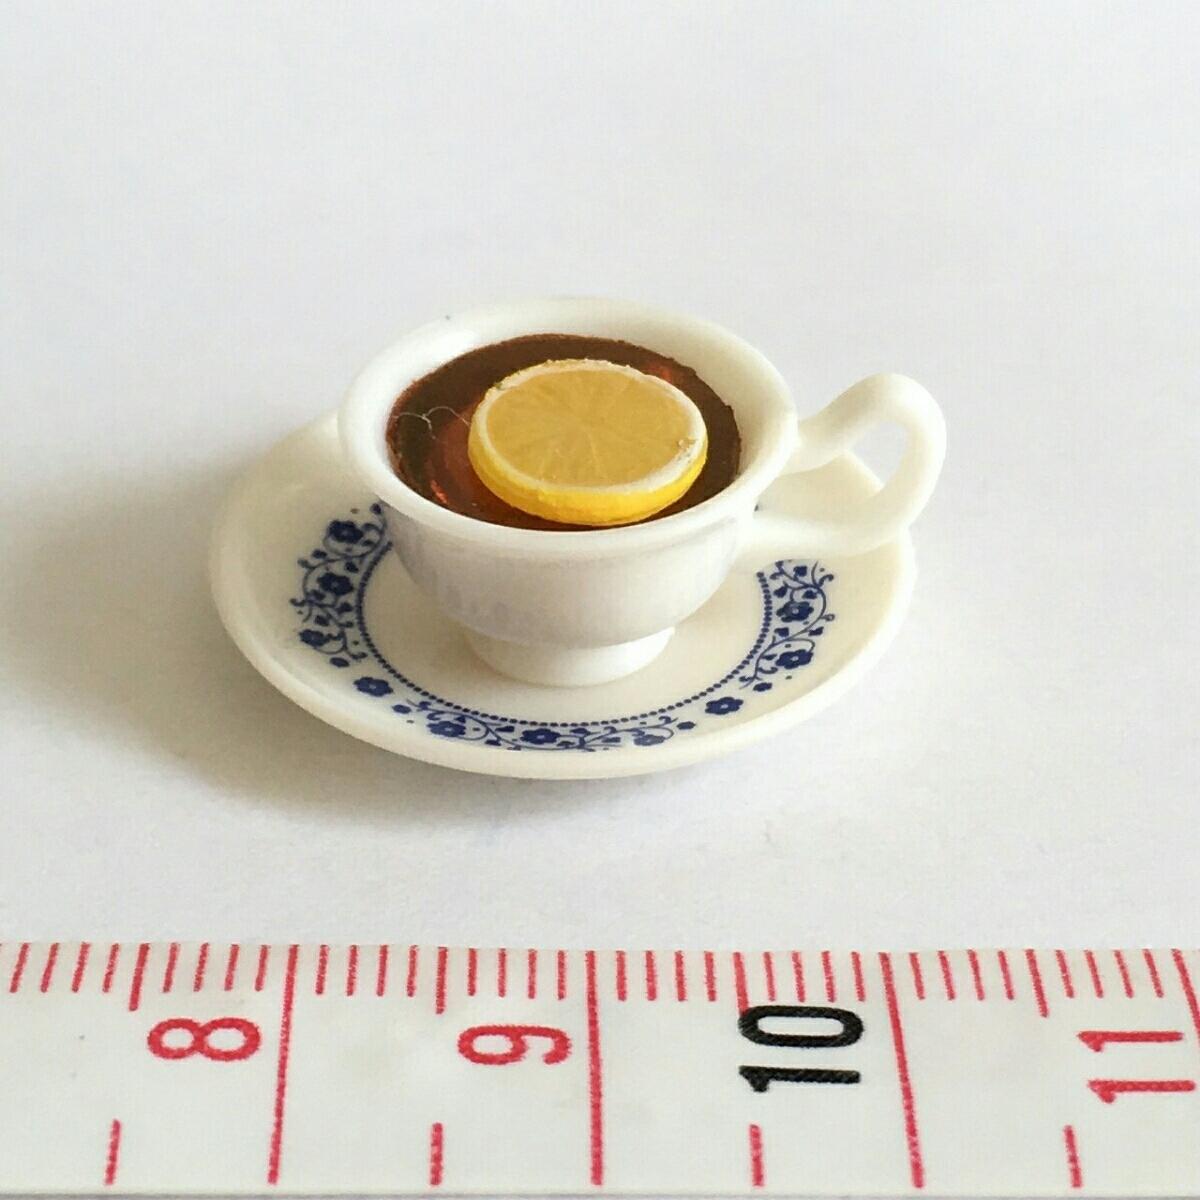 レモンティー 単品 街角のレトロ喫茶店 ミニチュア ぷちサンプル リーメント_画像1